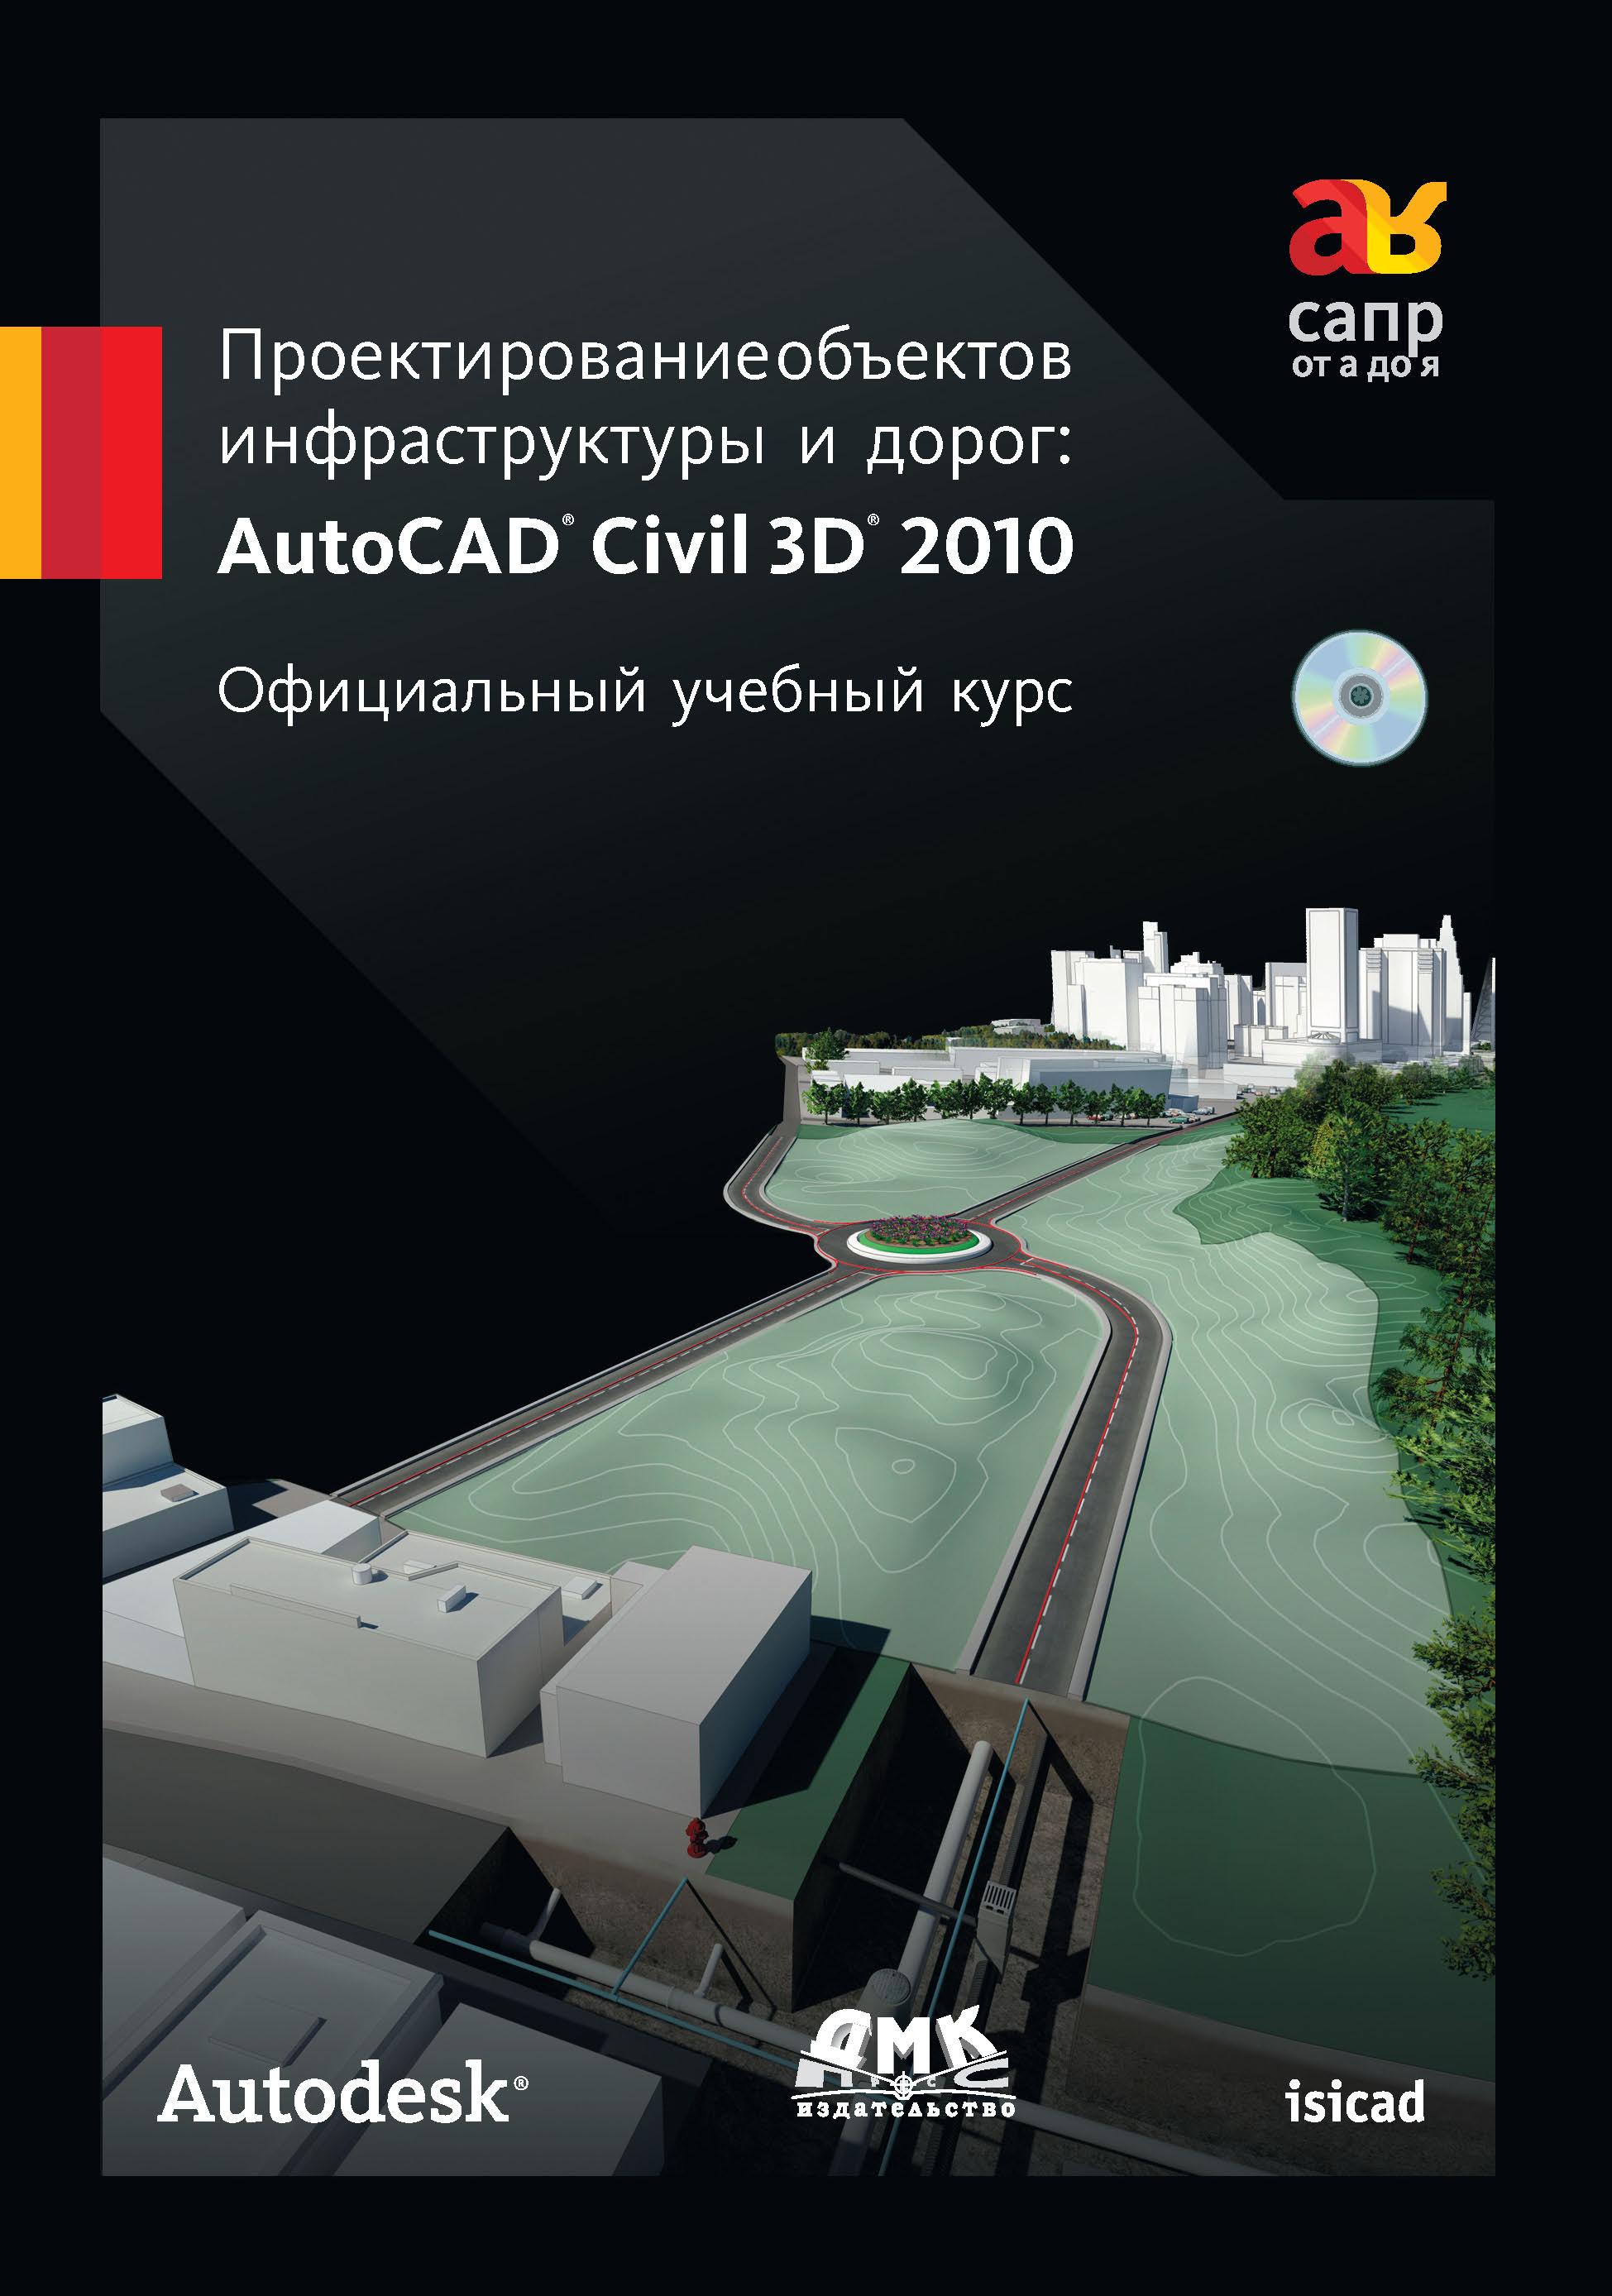 Autodesk Проектирование объектов инфраструктуры и дорог: AutoCAD Civil 3D® 2010 цена 2017